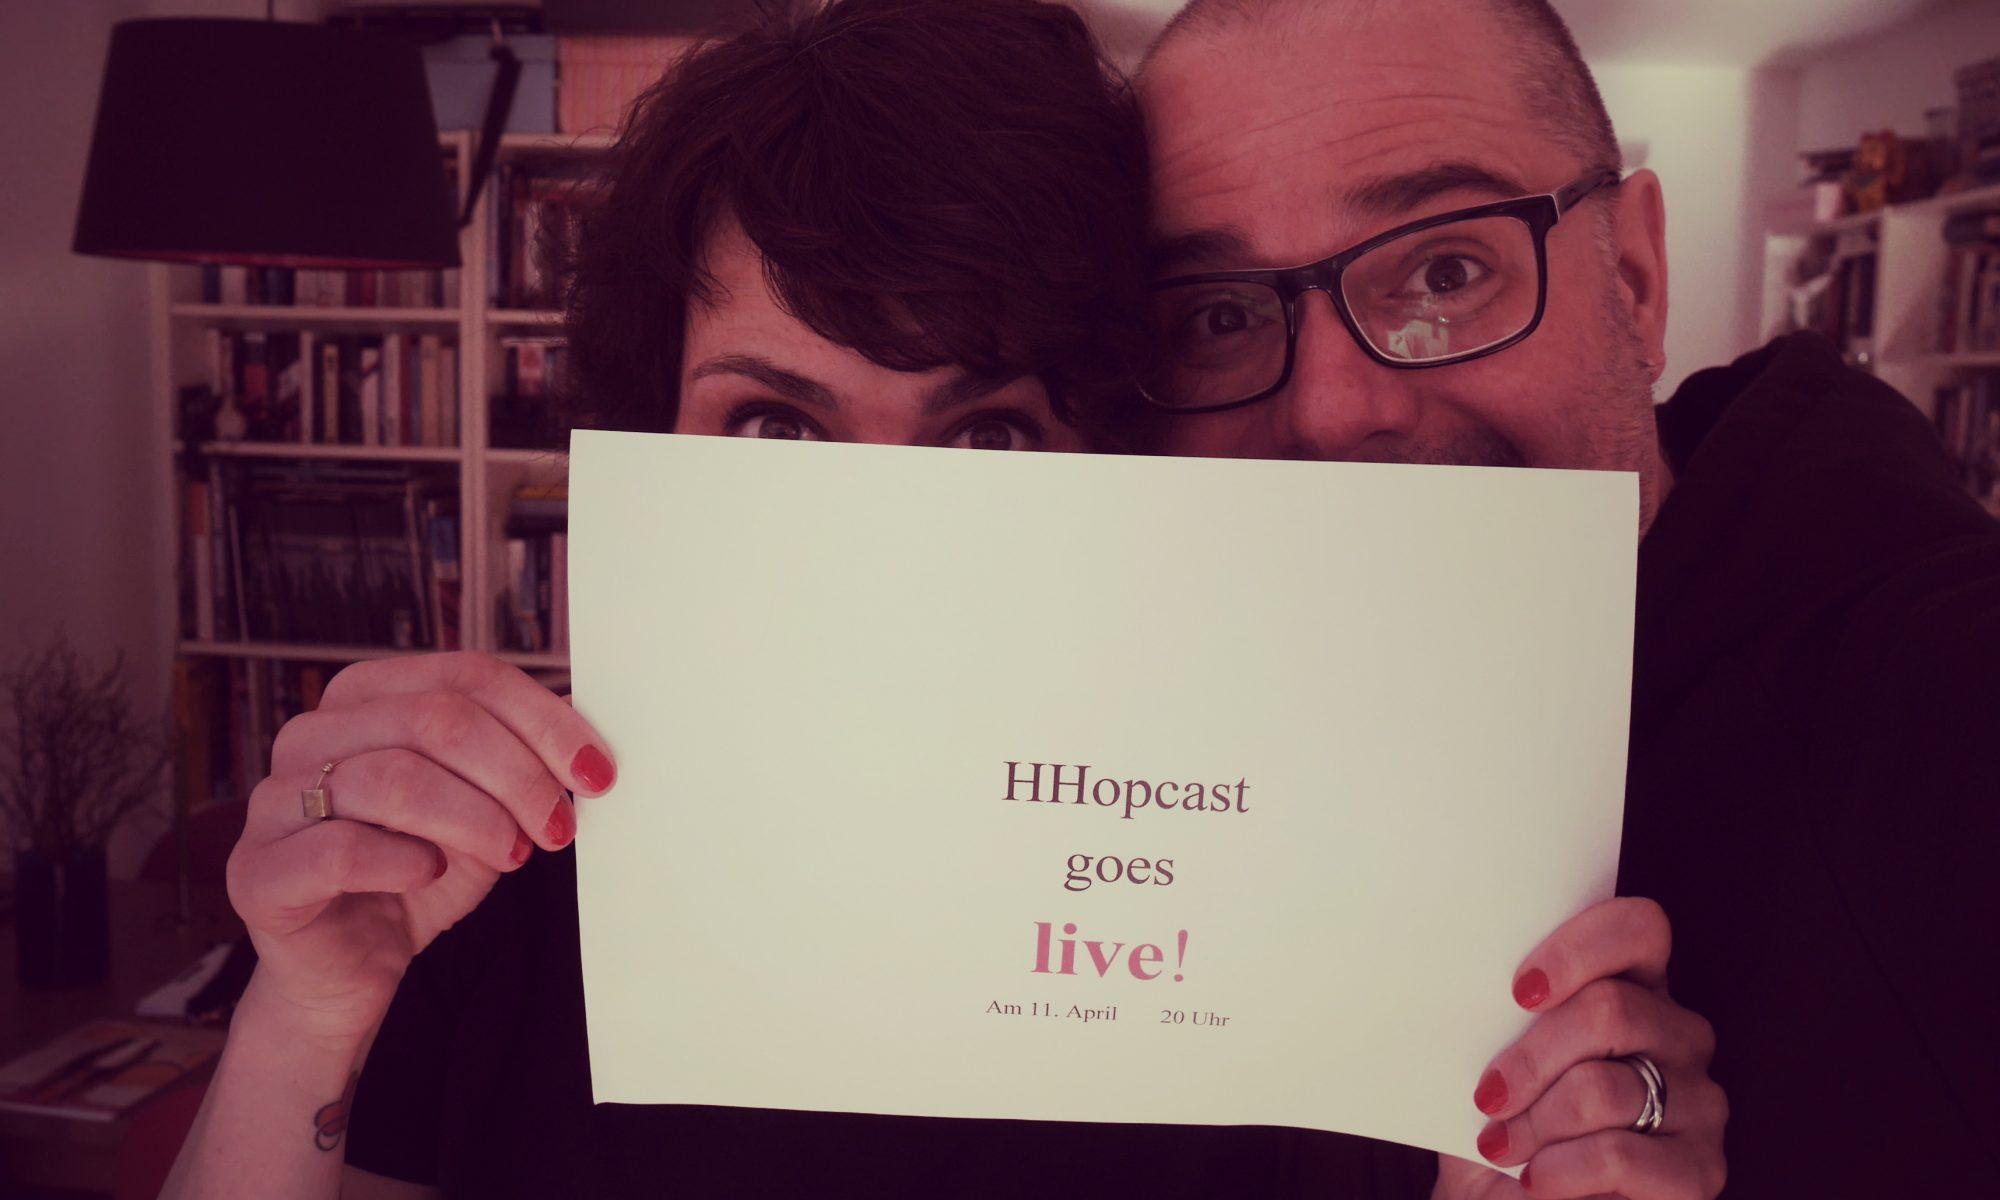 HHopcast Podcast Craft Beer Regine und Stefan